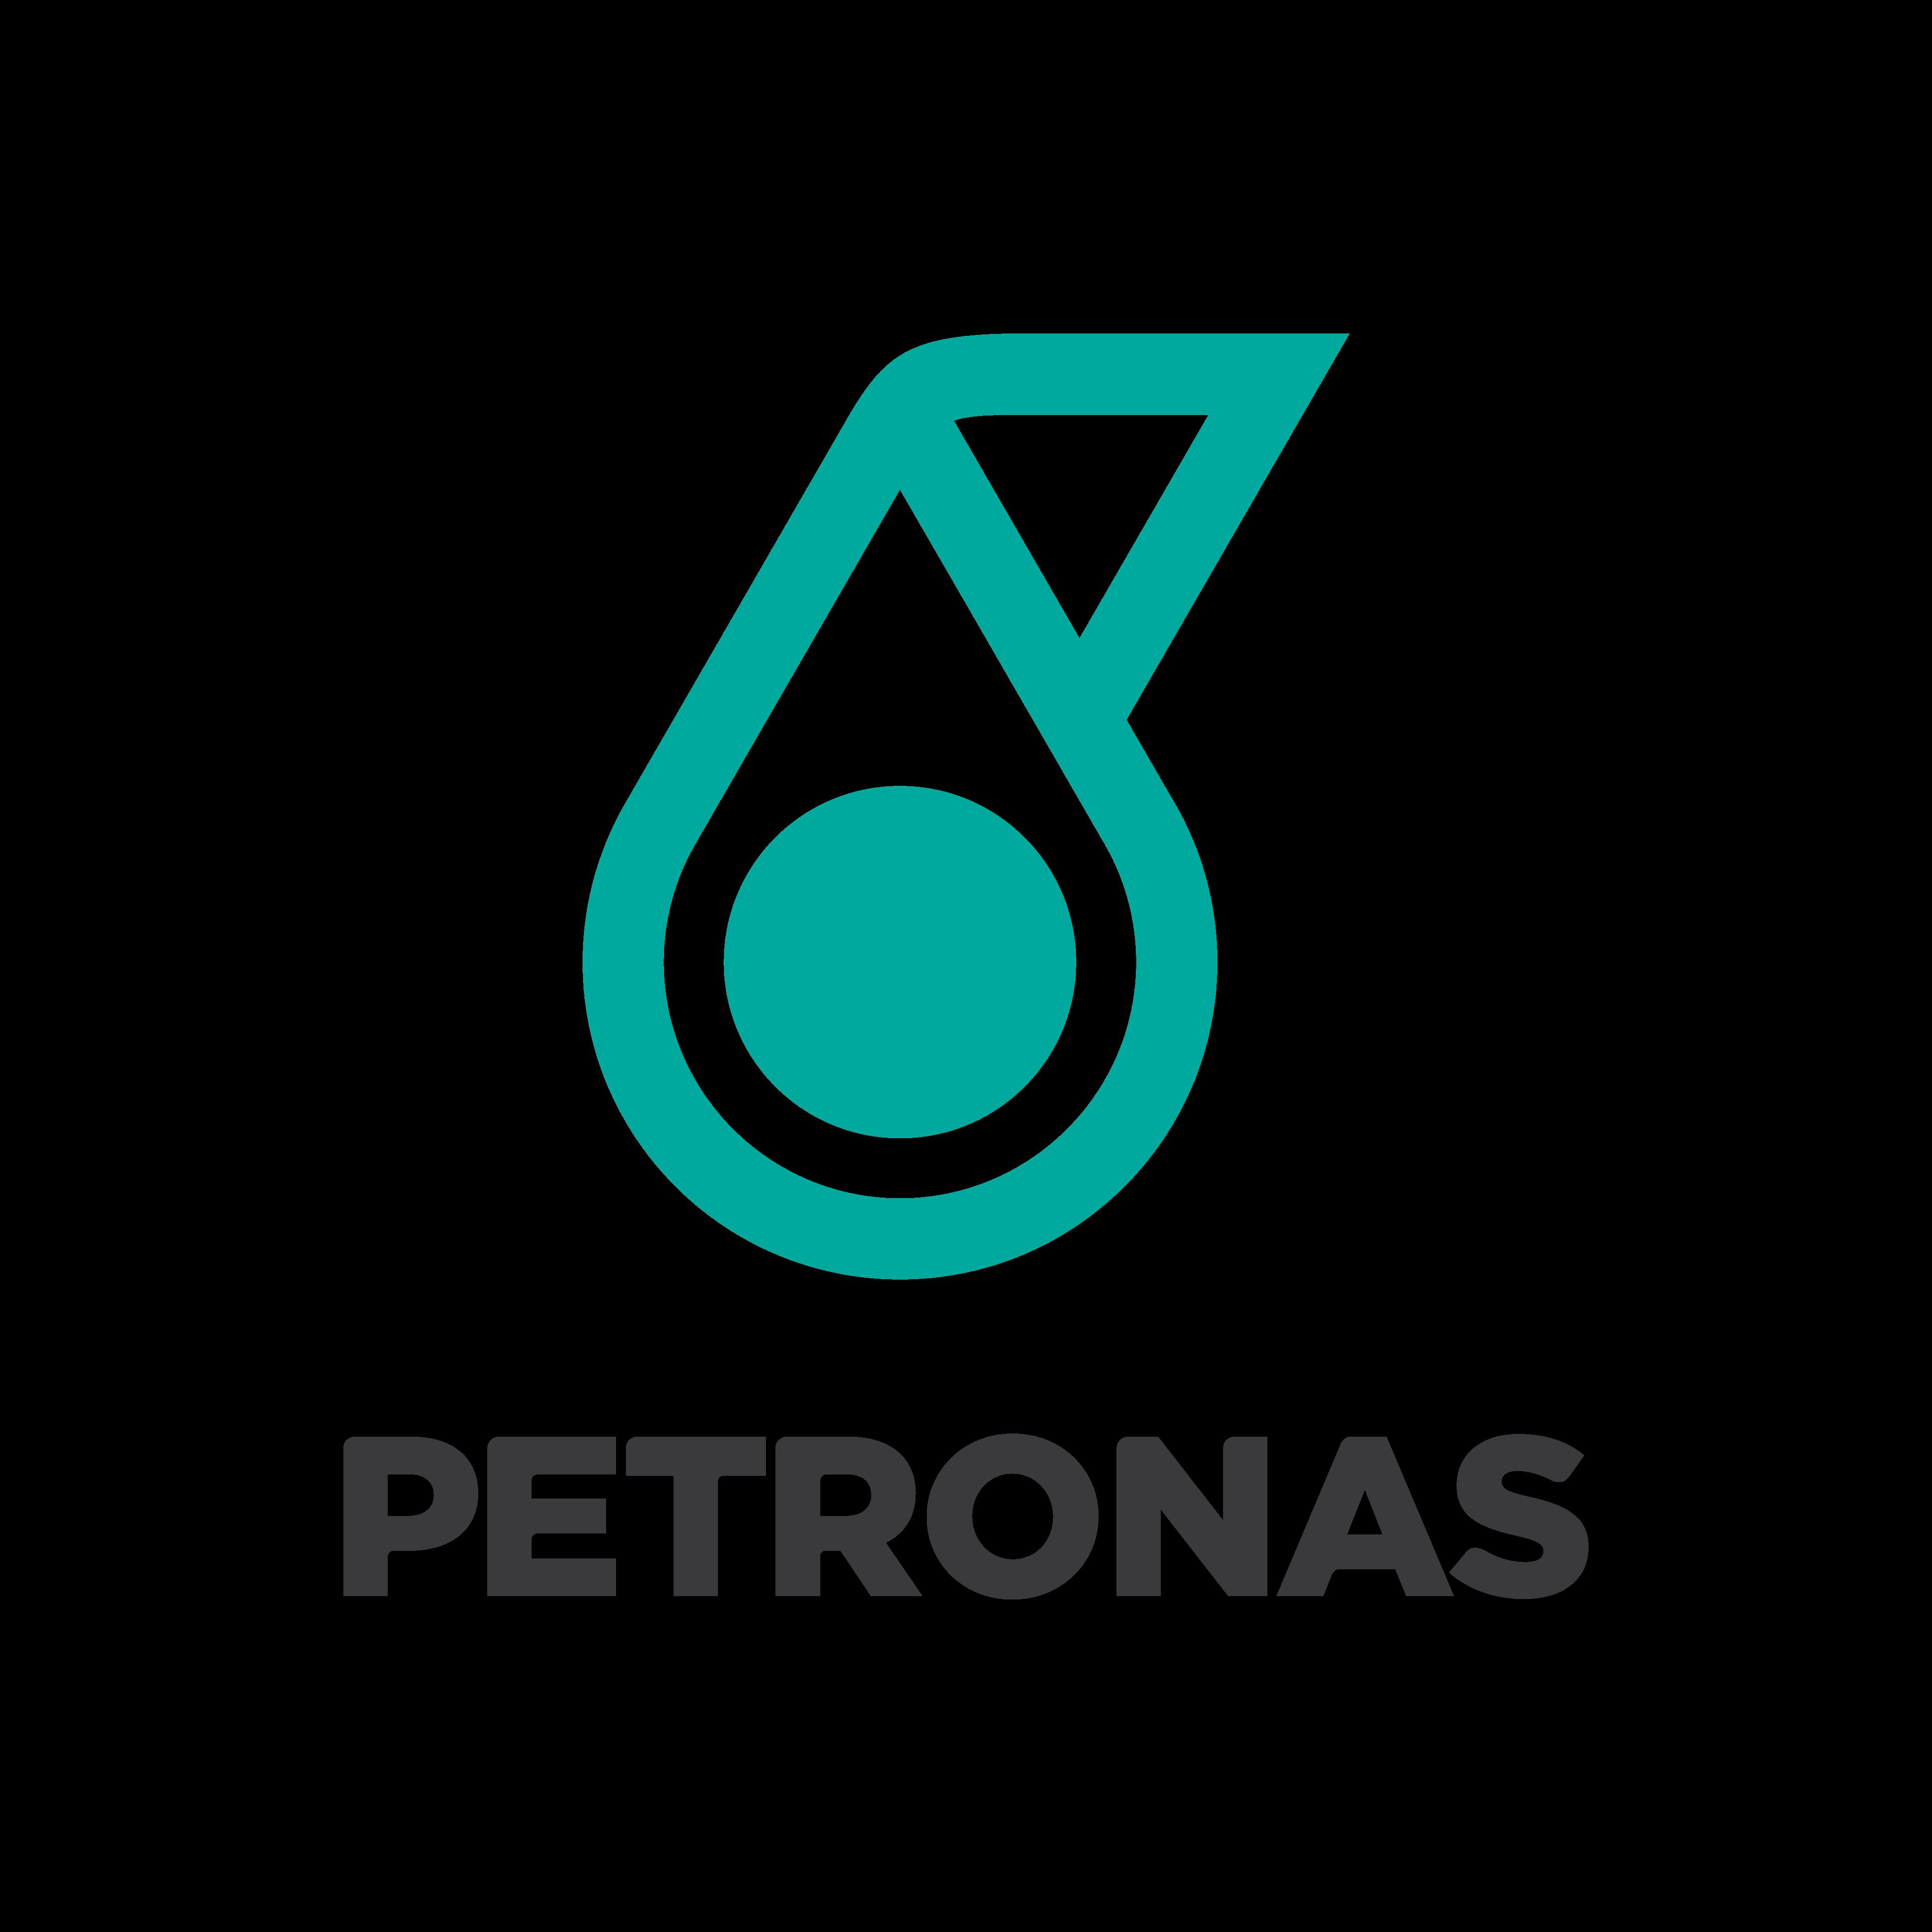 petronas logo 0 - Petronas Logo